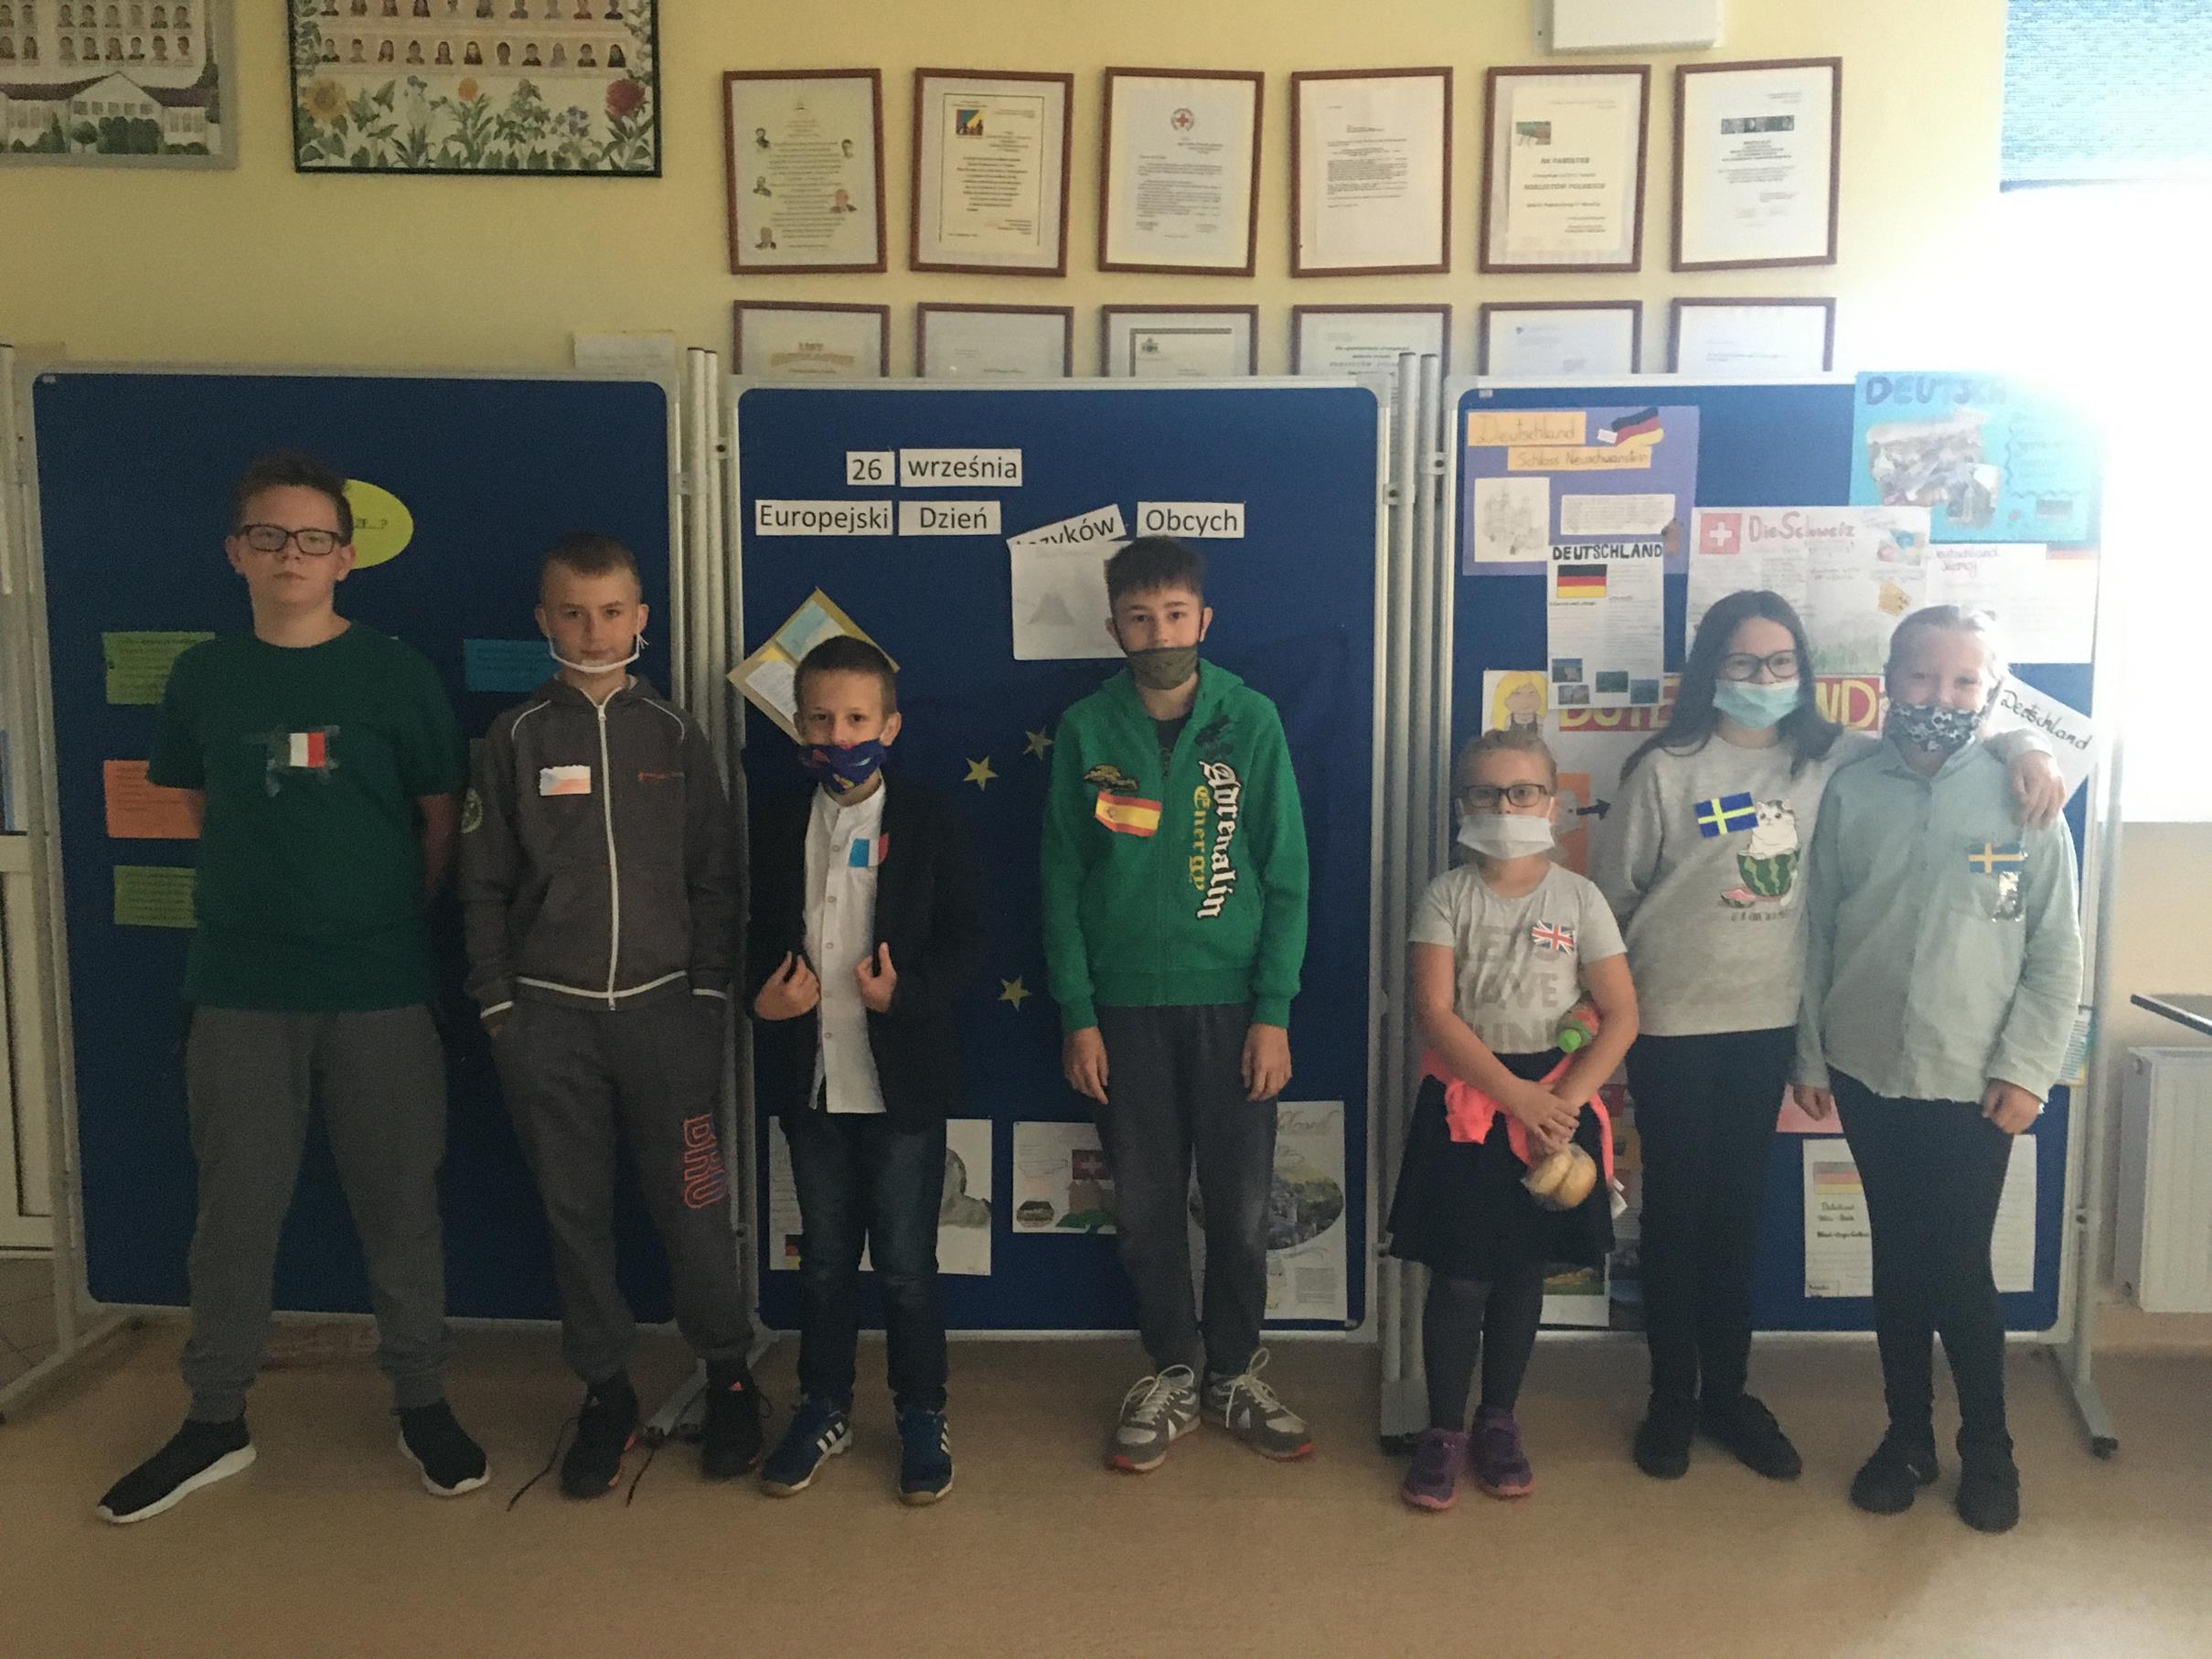 Uczniowie Szkoły Podstawowej im. Noblistów Poslkich w Niemicy promują Dzień Języków Obcych